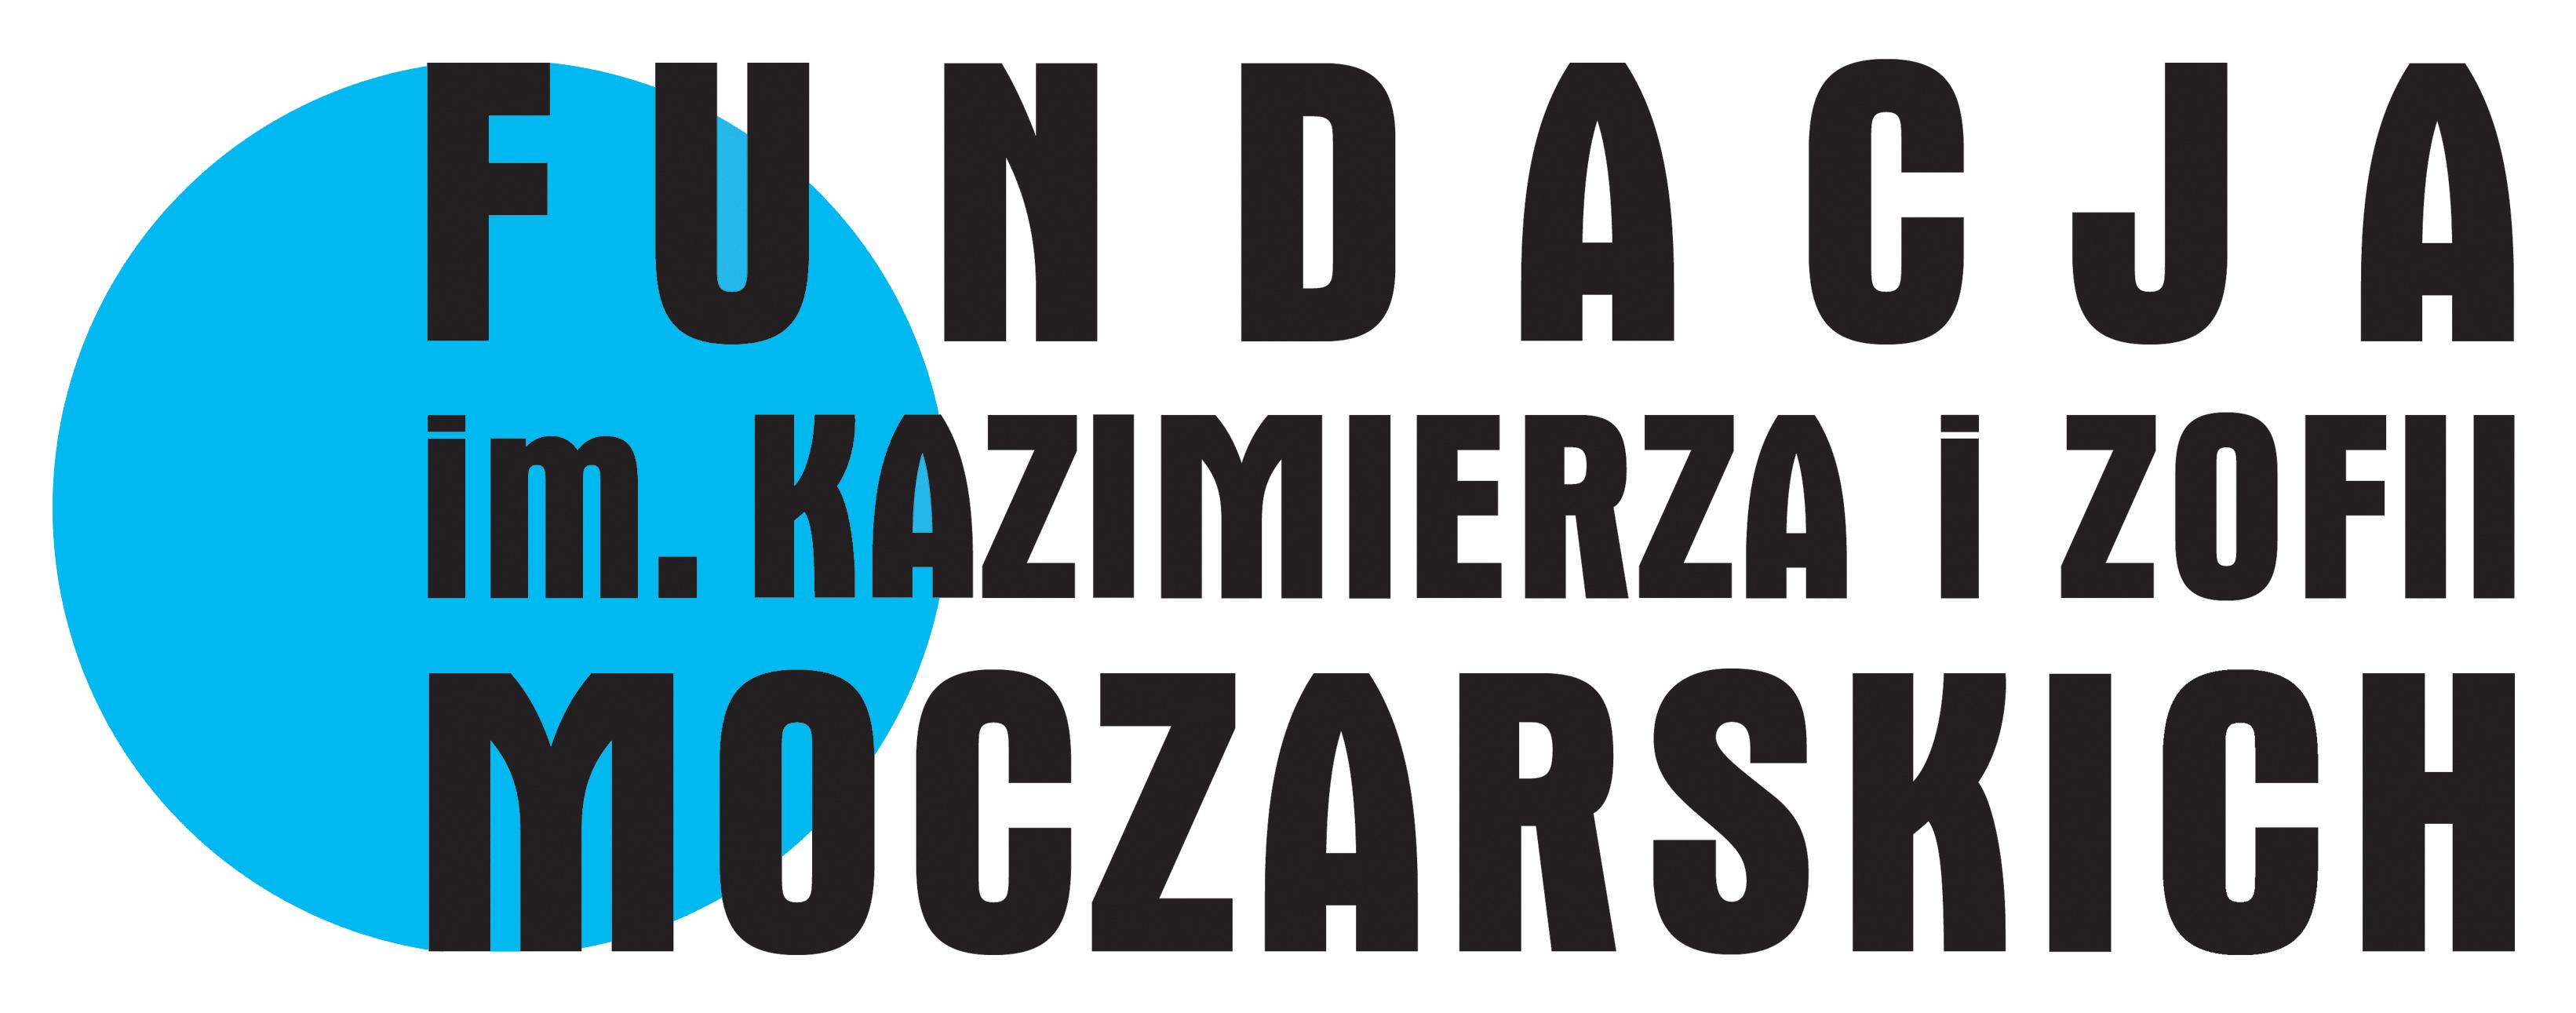 fundacja_moczarskich